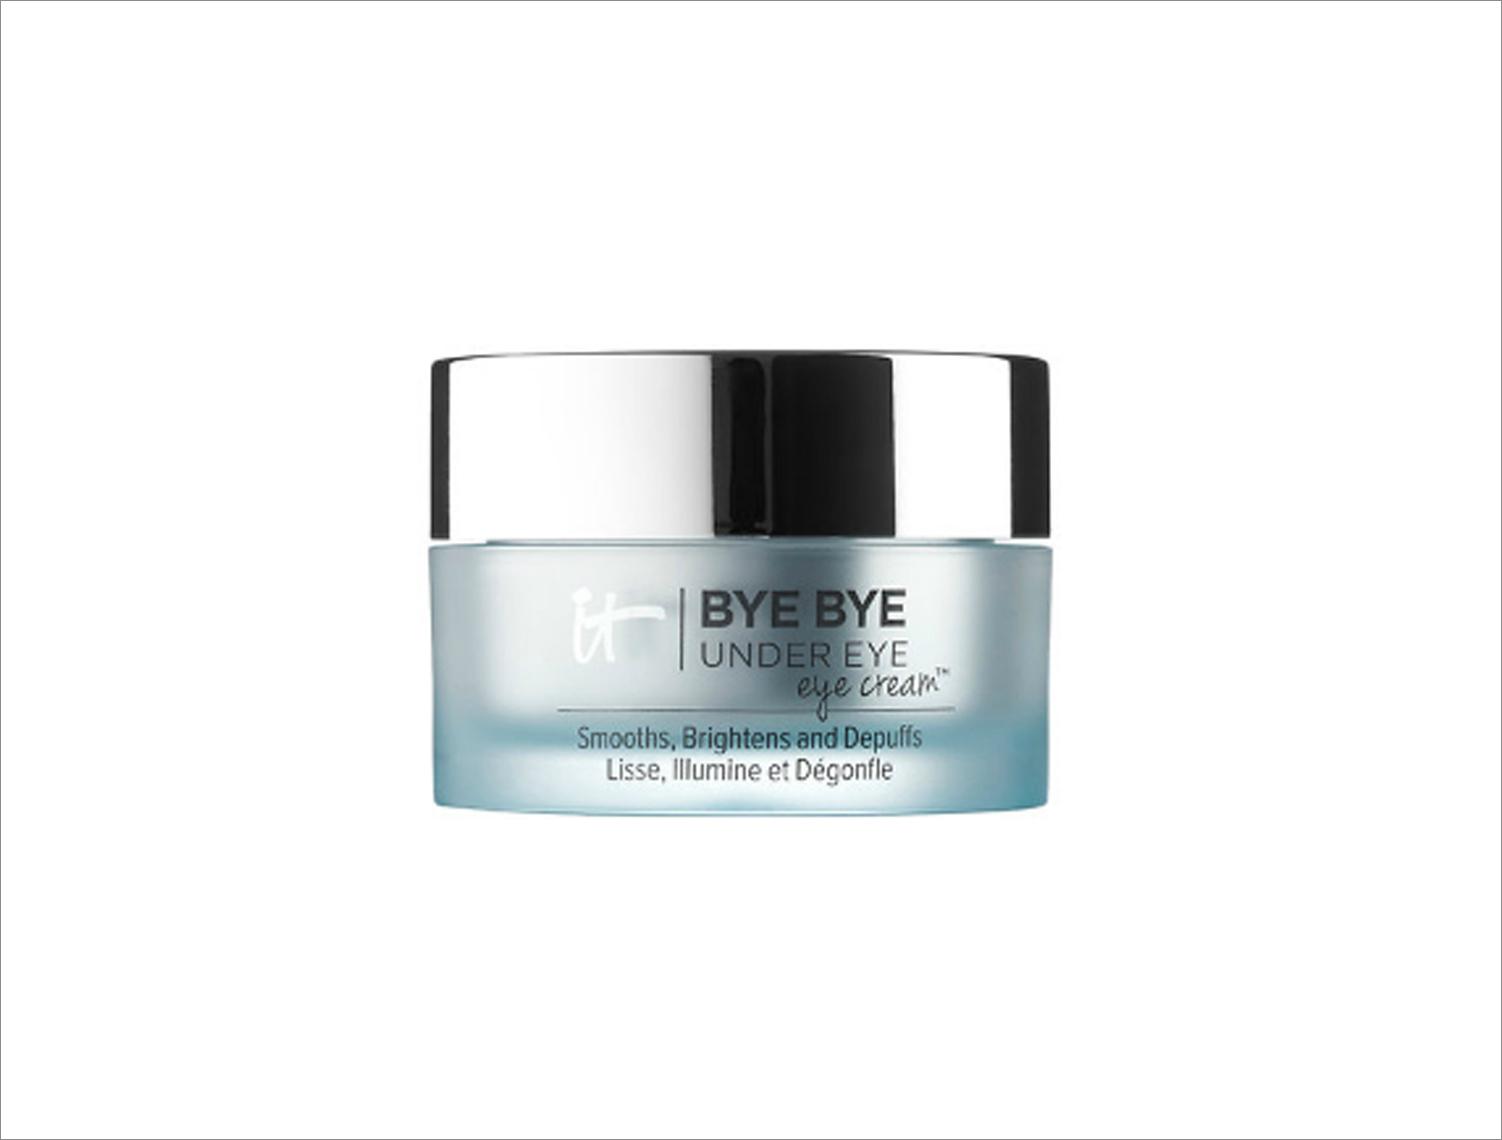 Bye Bye Under Eye eye cream IT Cosmetics from sephora